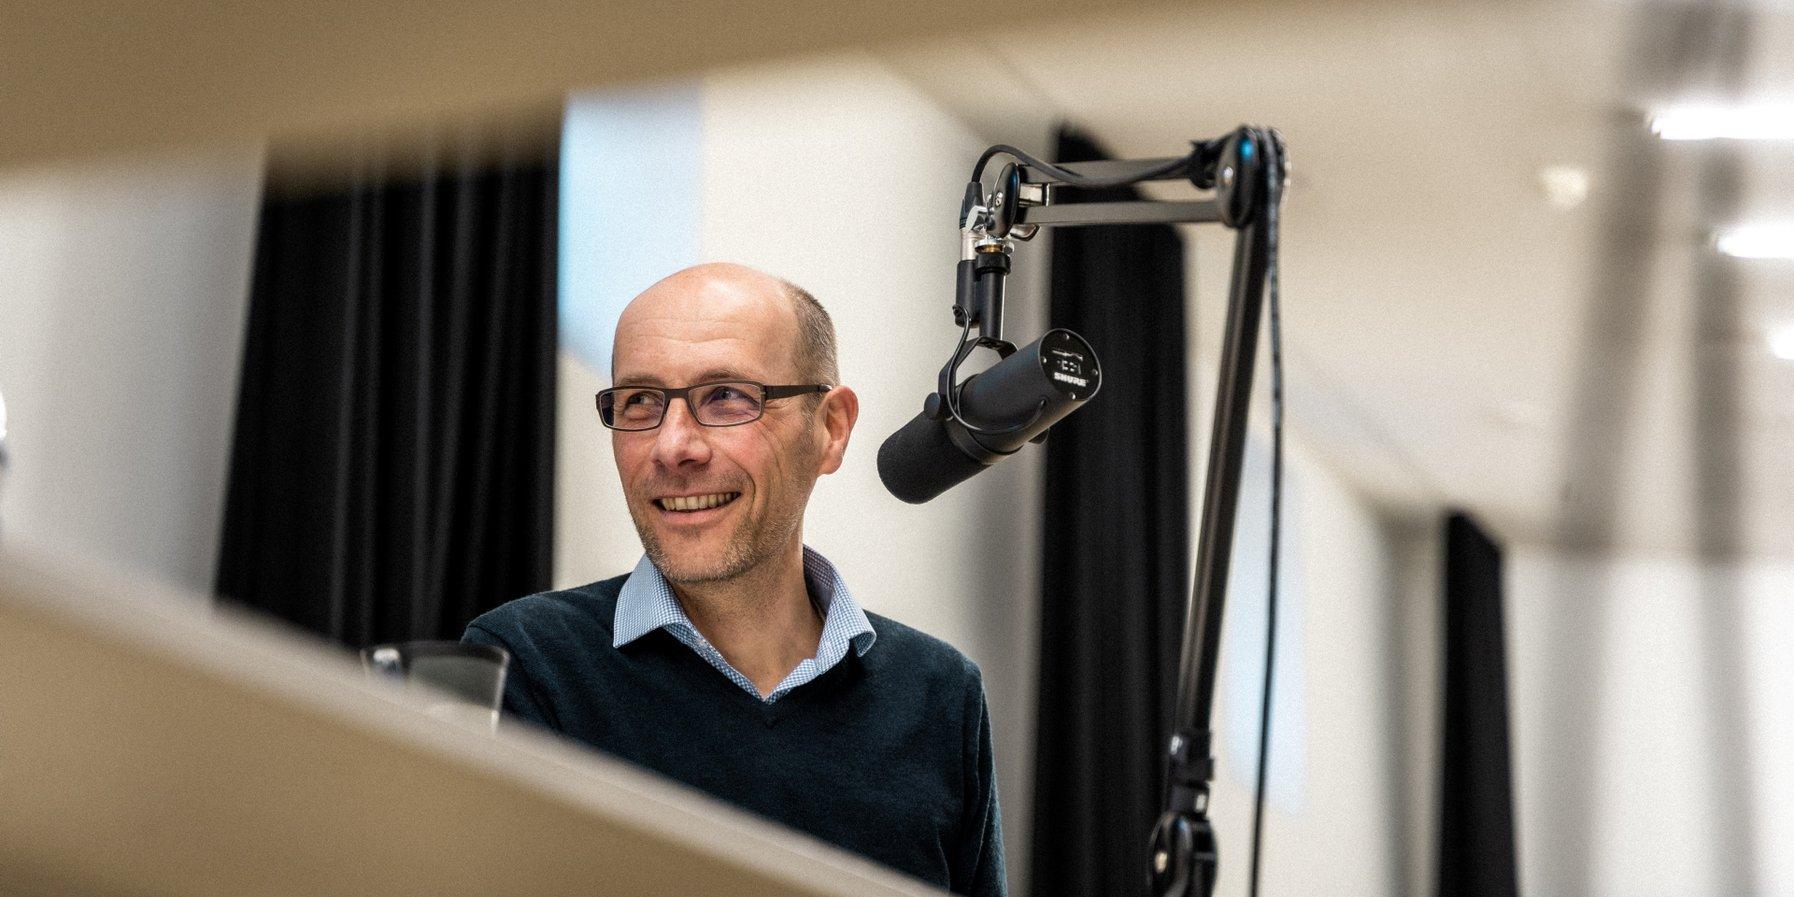 Lutz aus dem Team der Elbphilharmonie Education